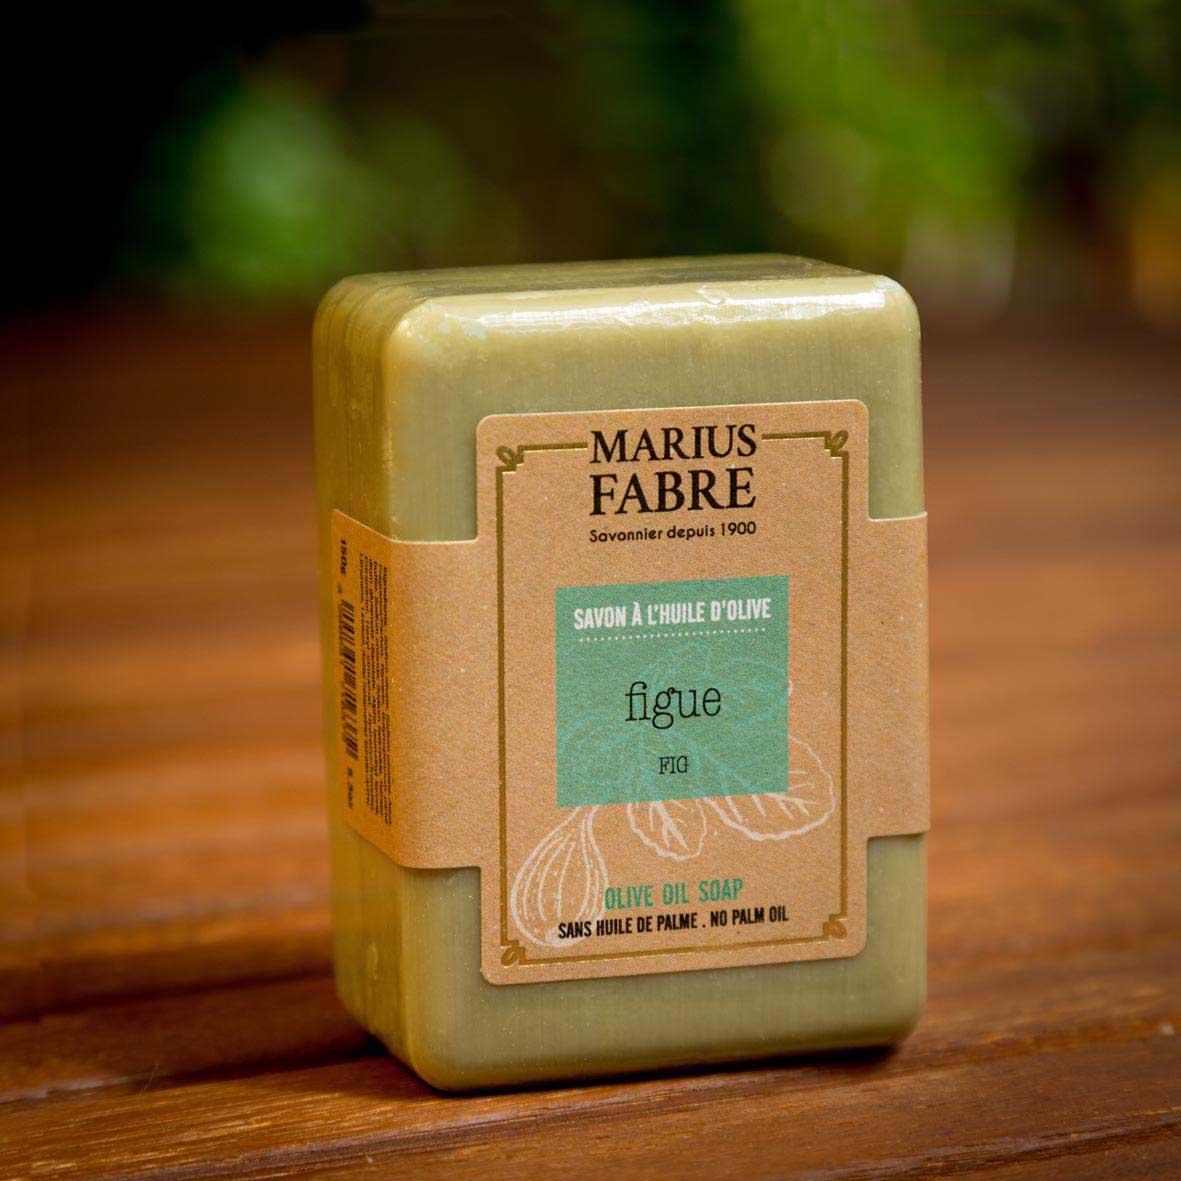 Marius Fabre Fig soap 150g